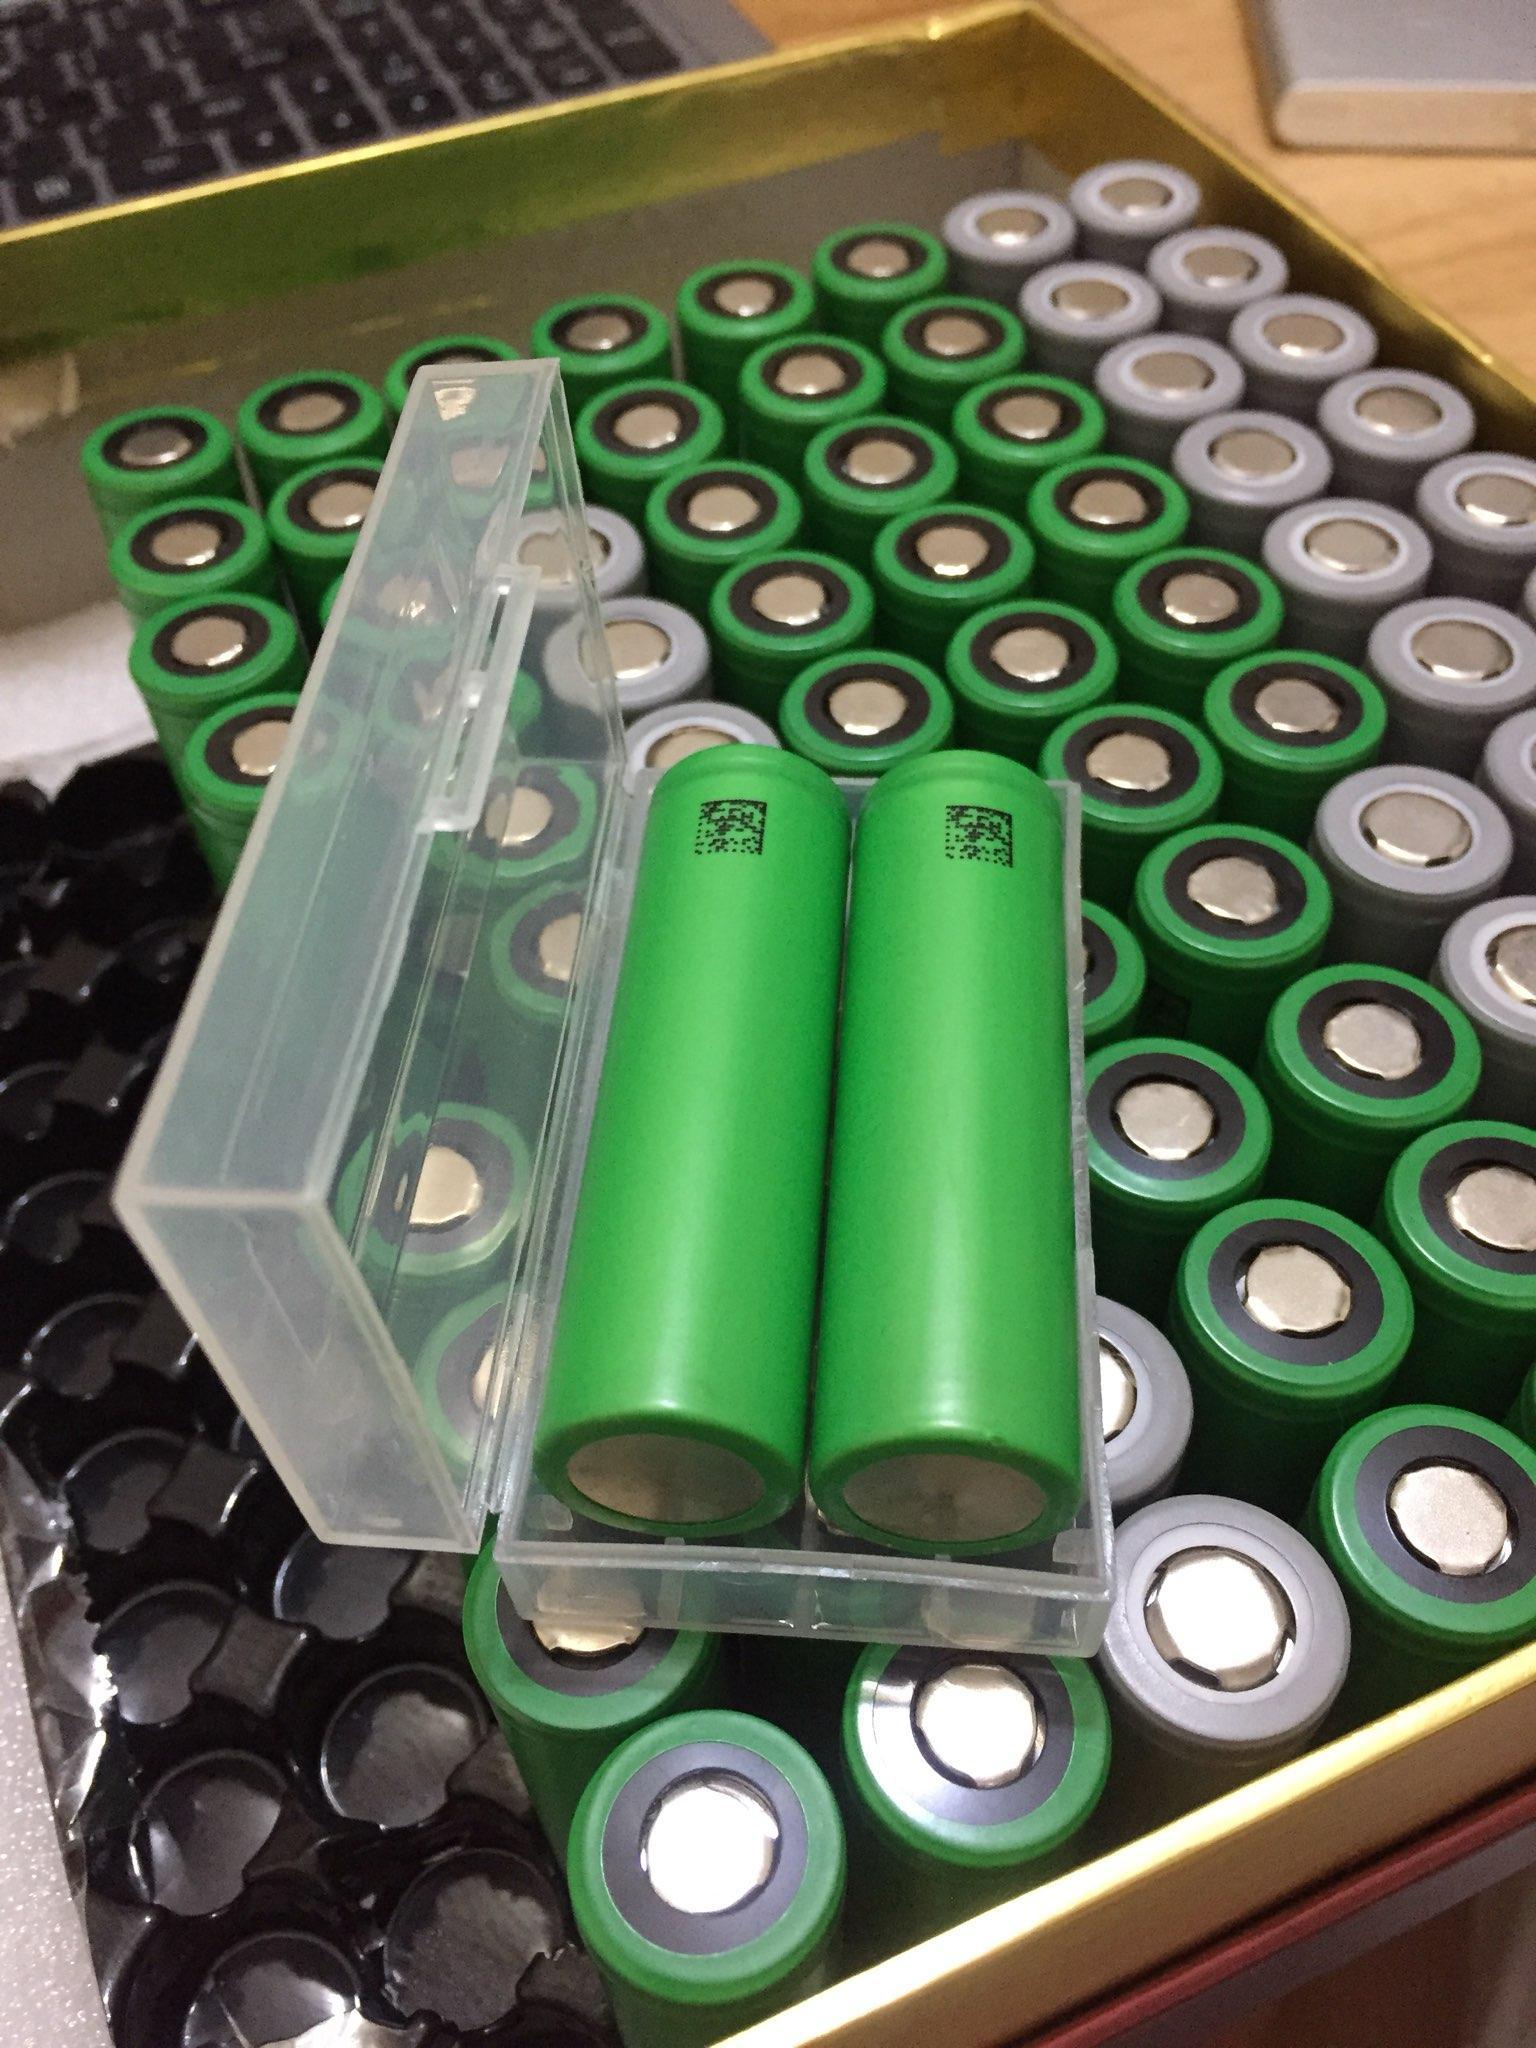 Pin Sạc Lithium-Ion 18650 Sony VTC6 Dung Lượng 2500mAh, Xả Tối đa 30A (1 Viên) Siêu Ưu Đãi tại Lazada